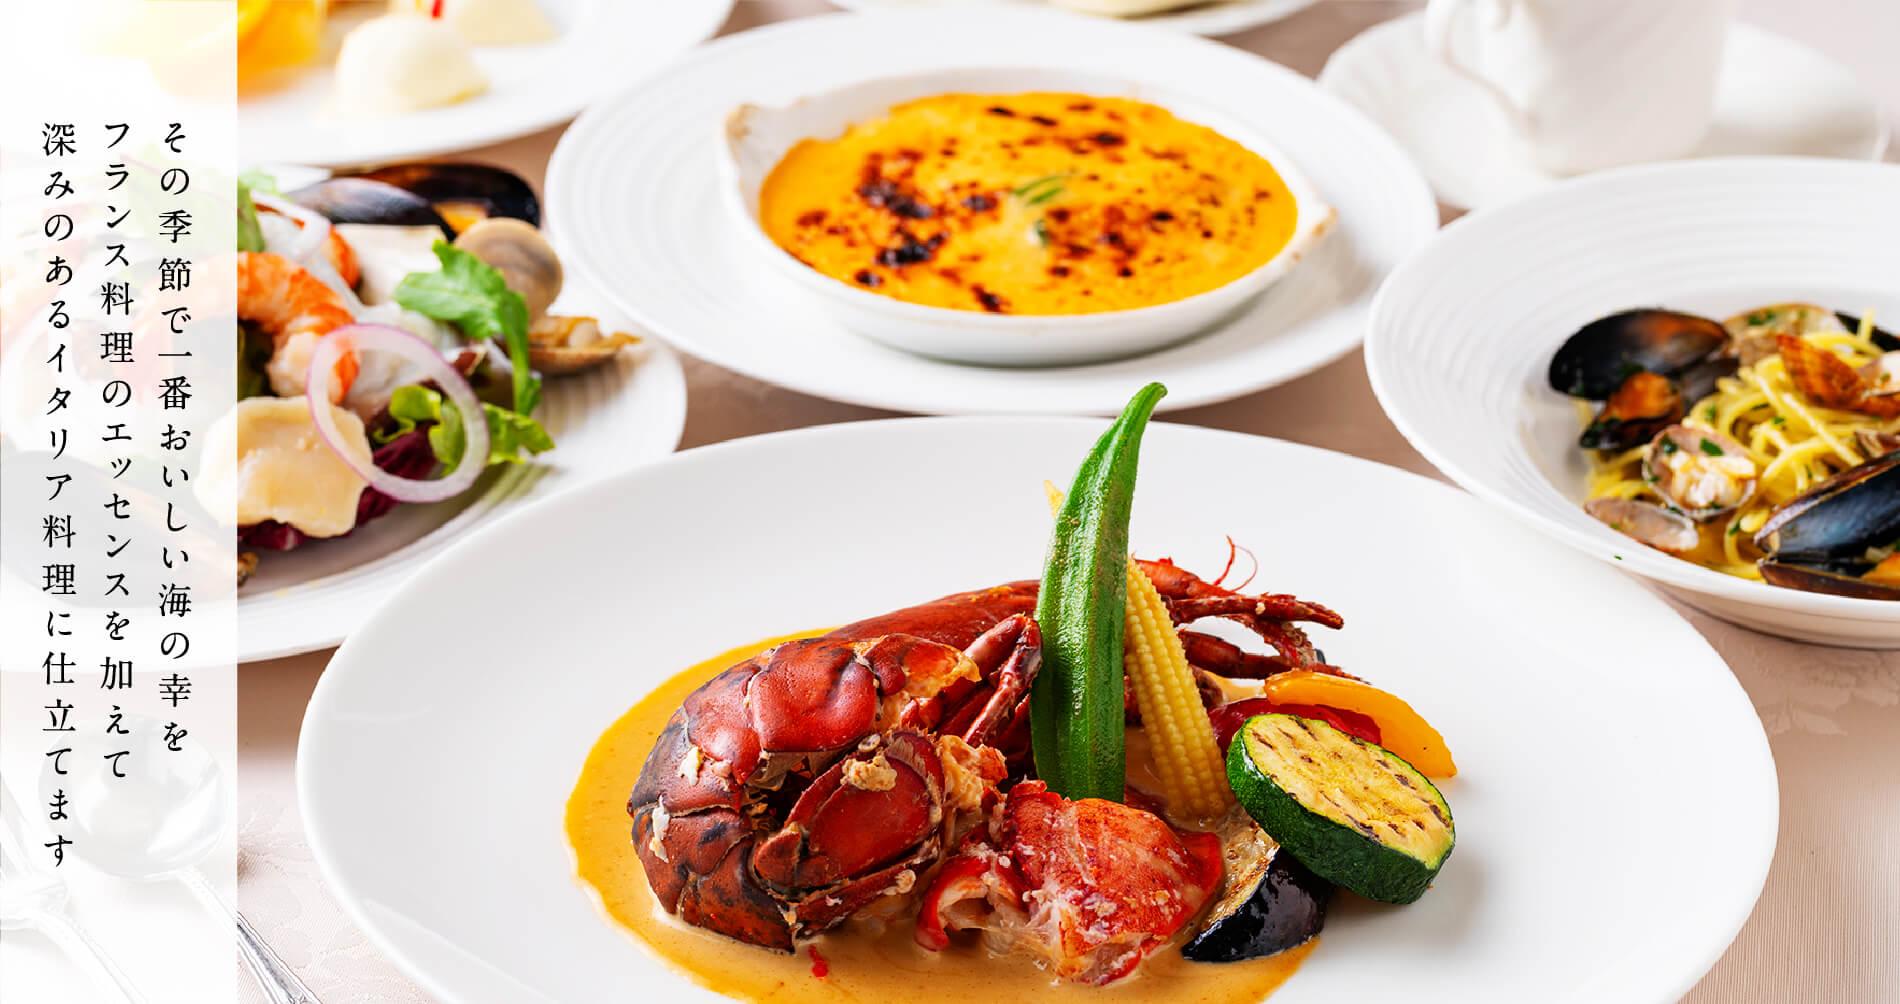 その季節で一番おいしい海の幸をフランス料理のエッセンスを加えて深みのあるイタリア料理に仕立てます